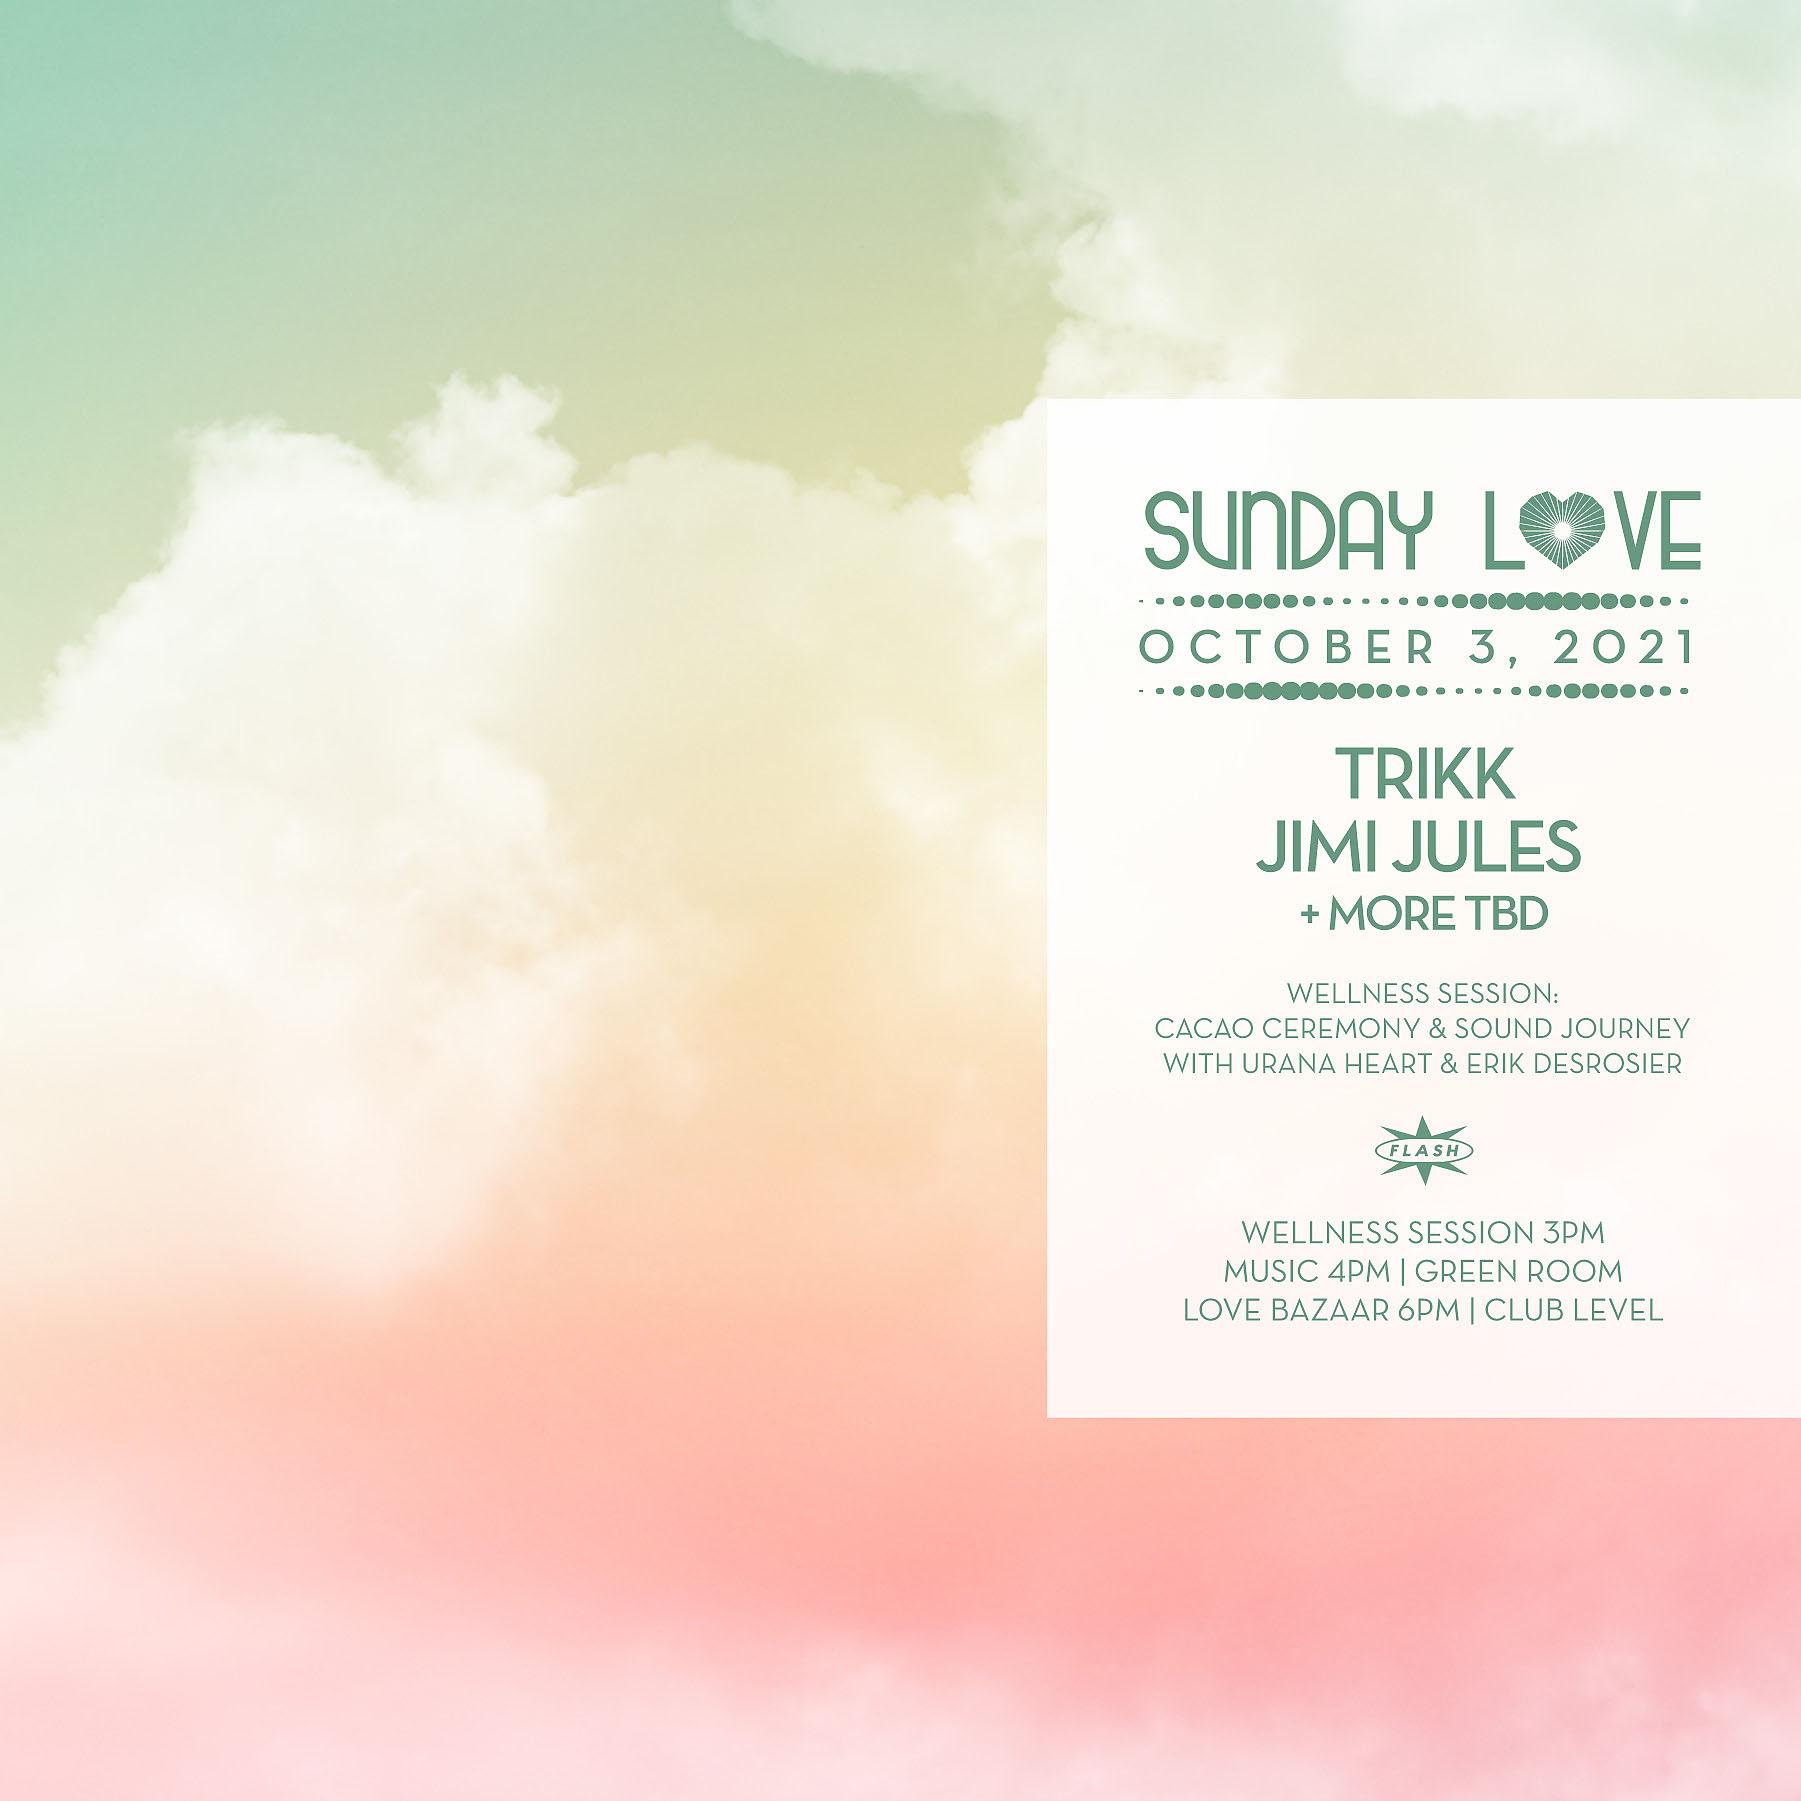 Sunday Love: Trikk - Jimi Jules event thumbnail